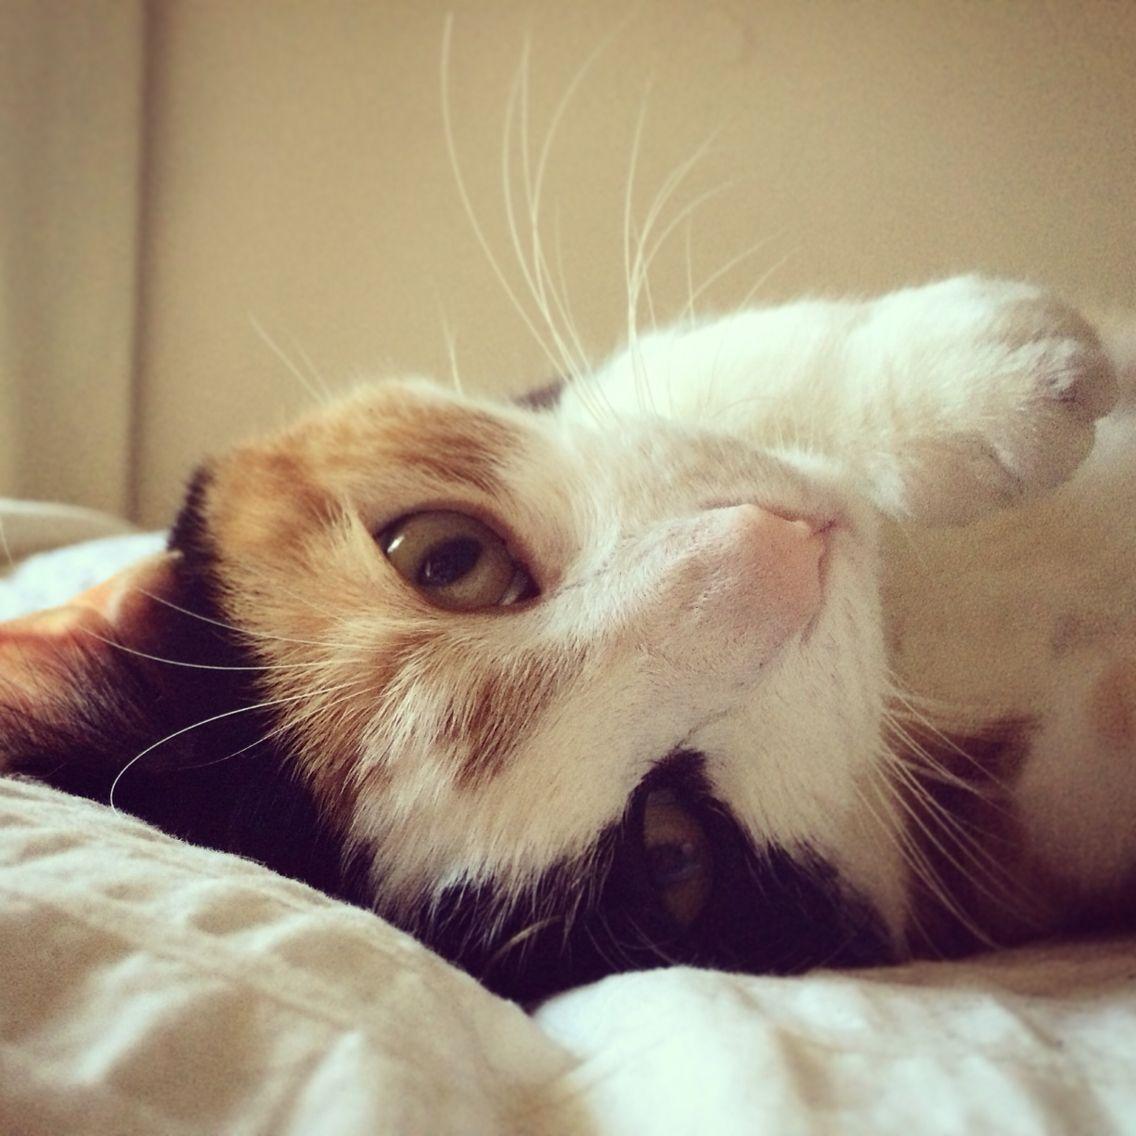 Cat kitten cuteness love